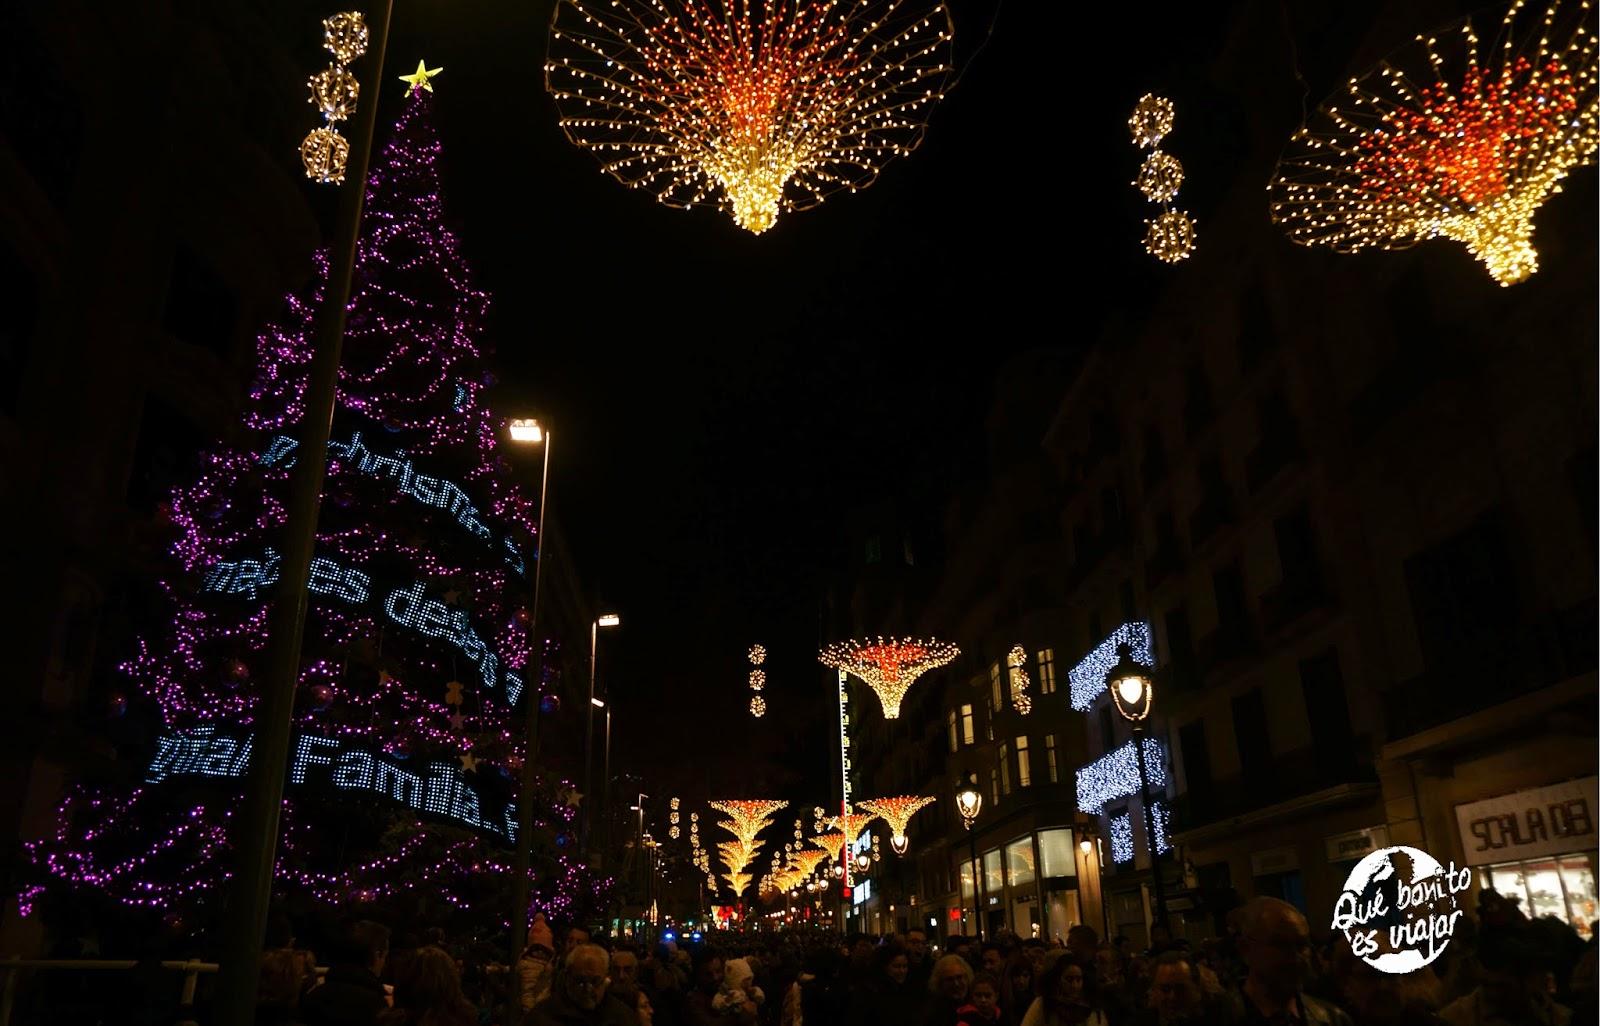 tradiciones navideñas de Cataluña